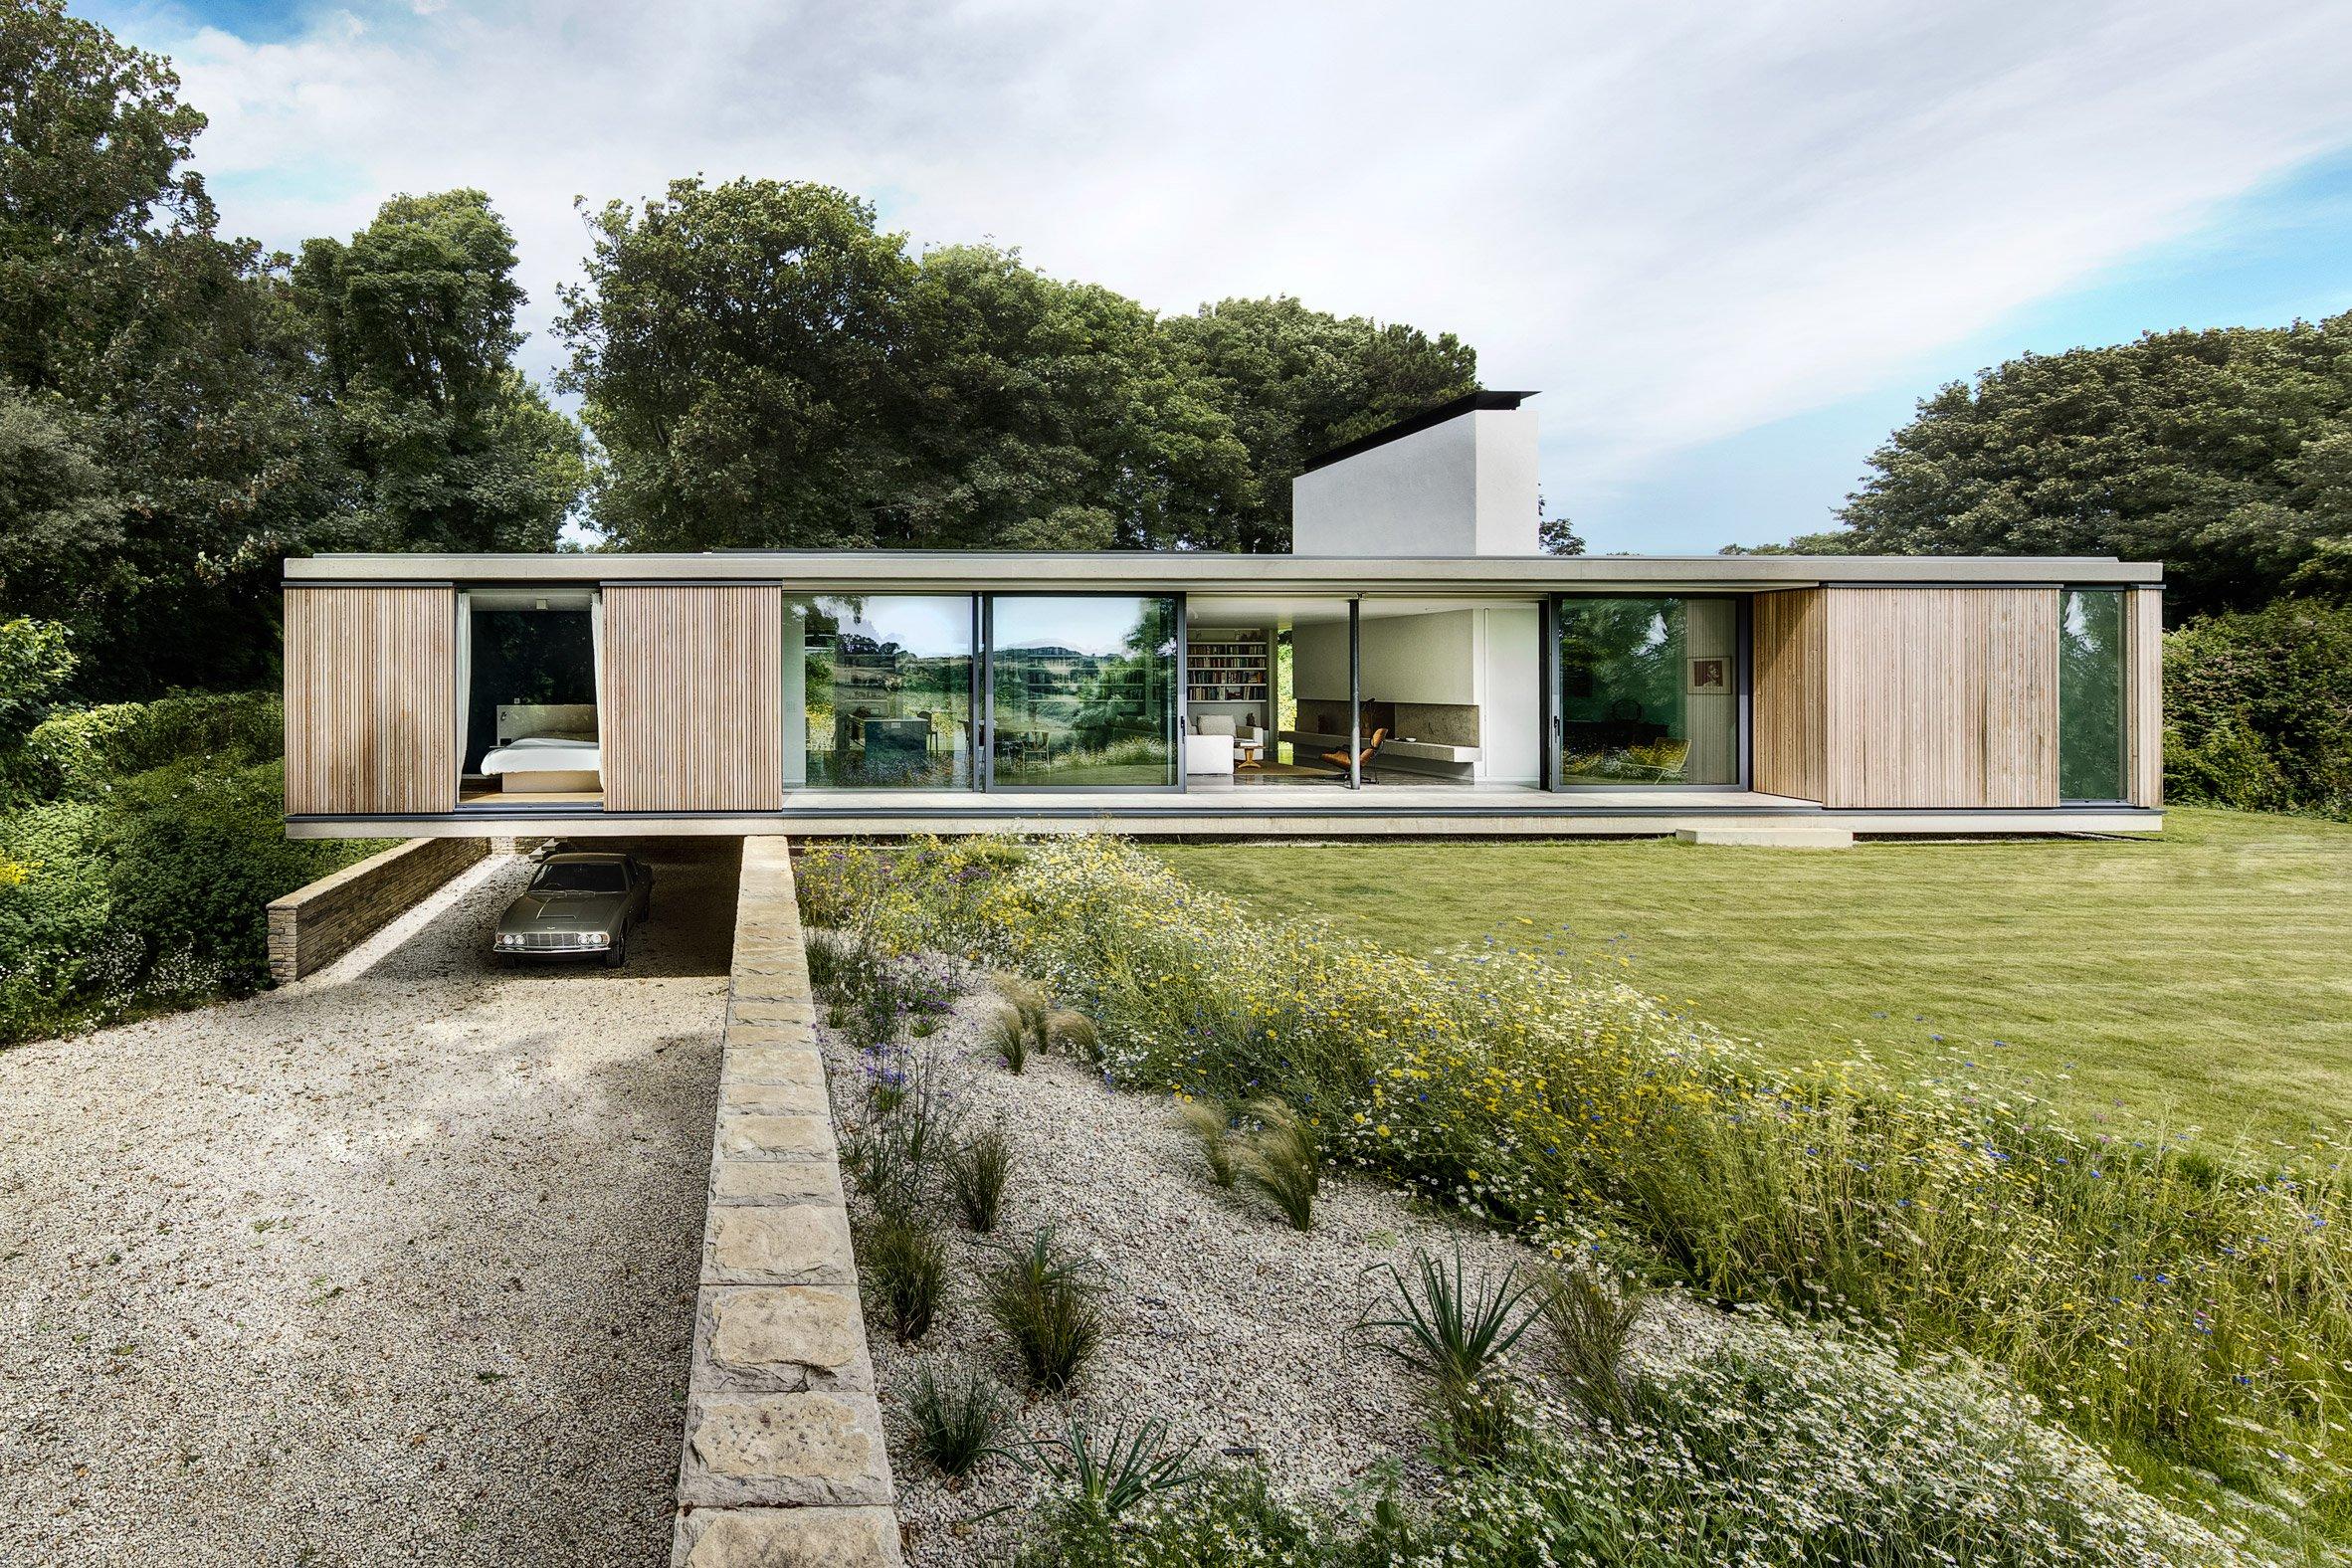 Ström Architects